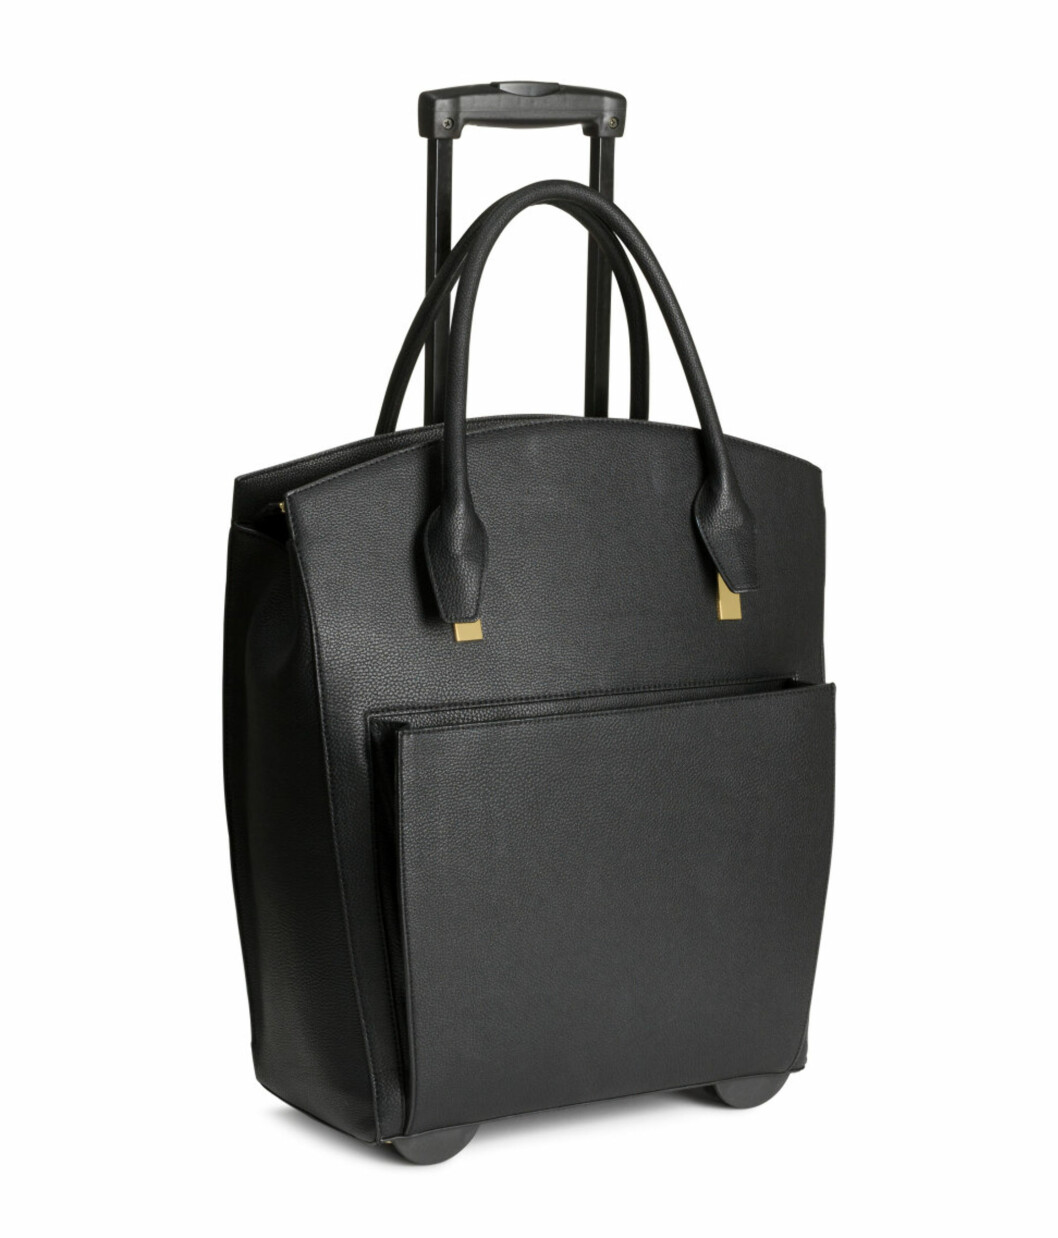 Koffert fra H&M, 799 kr. Foto: Produsenten.